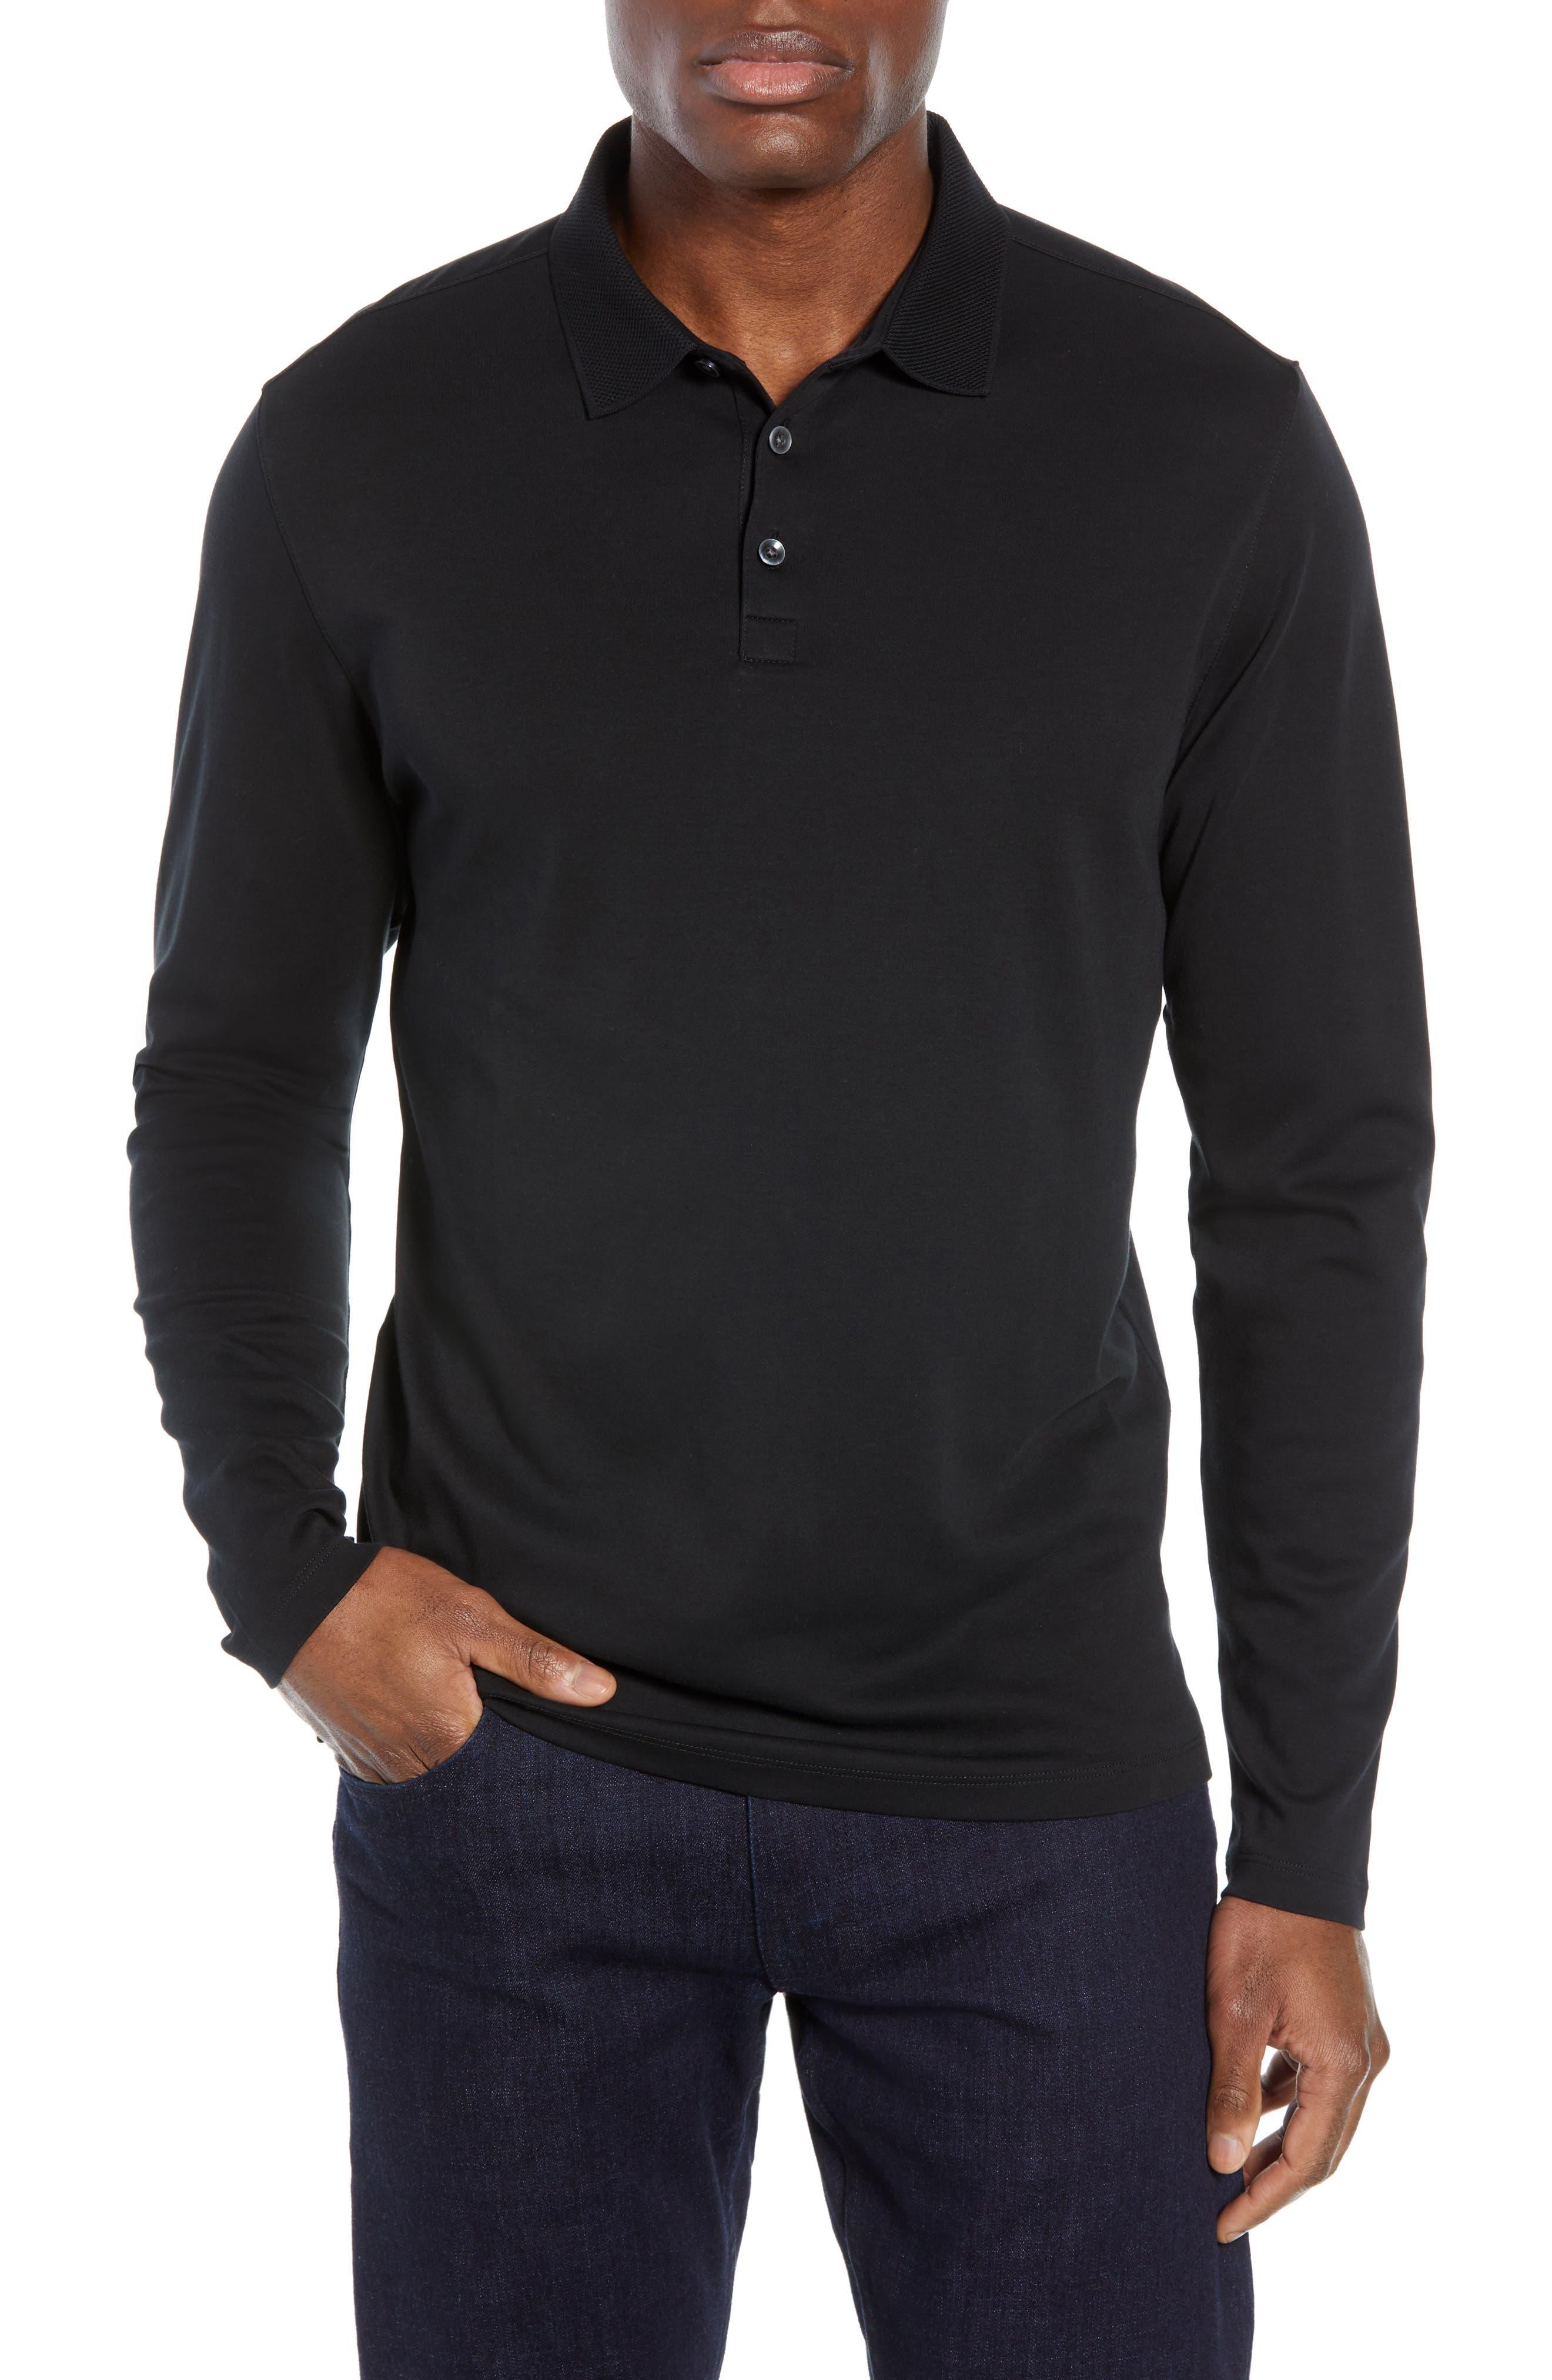 ROBERT BARAKETT, Batiste Long Sleeve Polo, Main thumbnail 1, color, BLACK